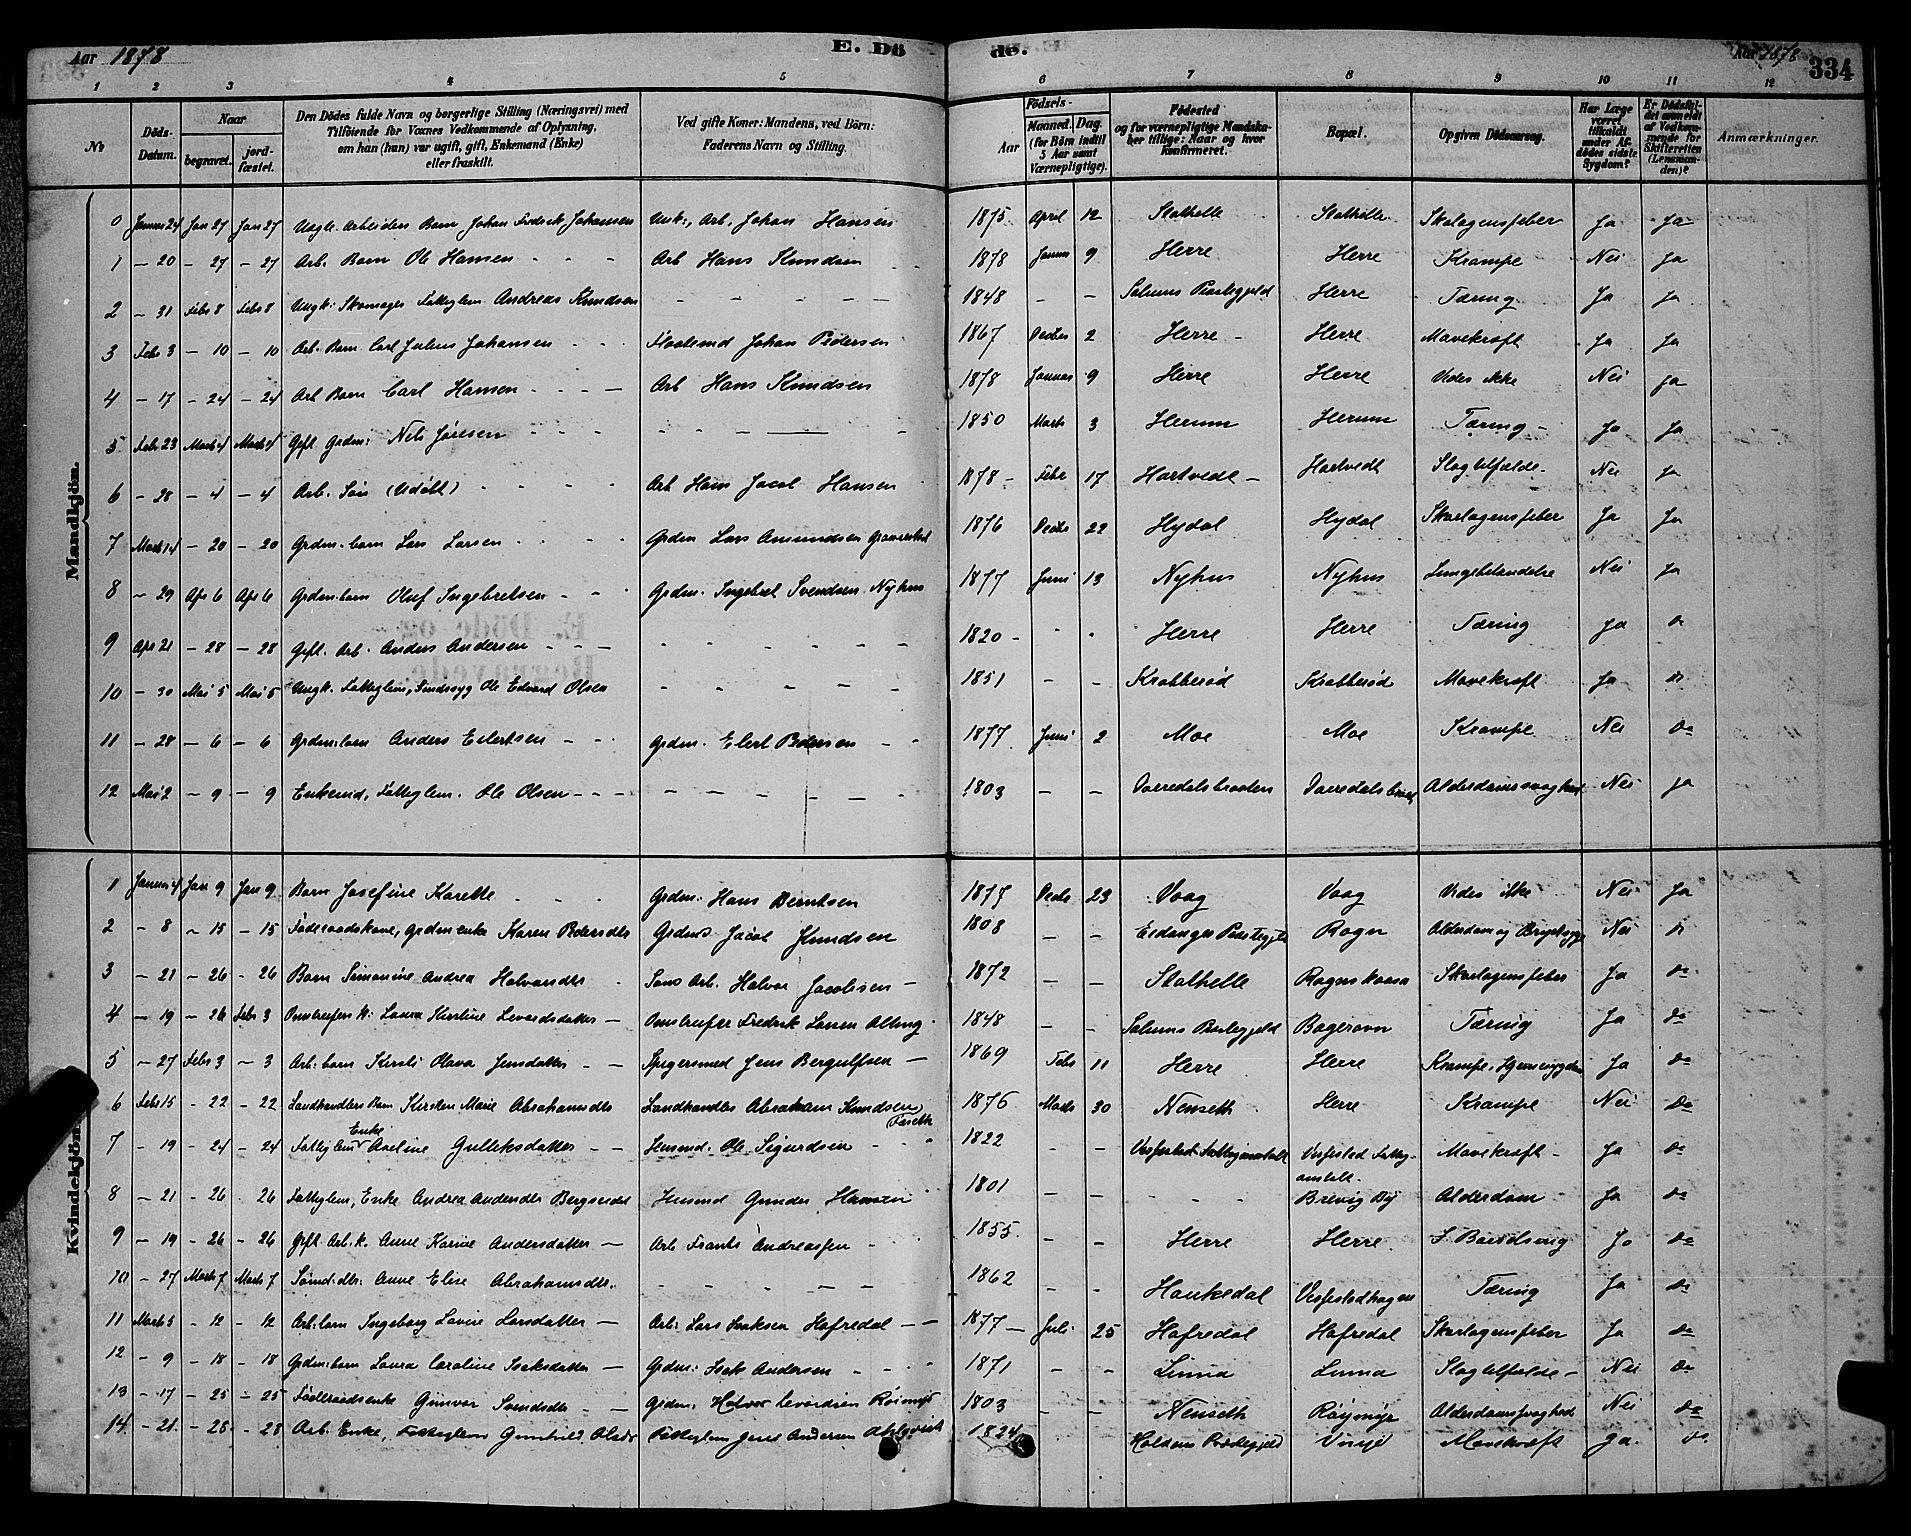 SAKO, Bamble kirkebøker, G/Ga/L0008: Klokkerbok nr. I 8, 1878-1888, s. 334